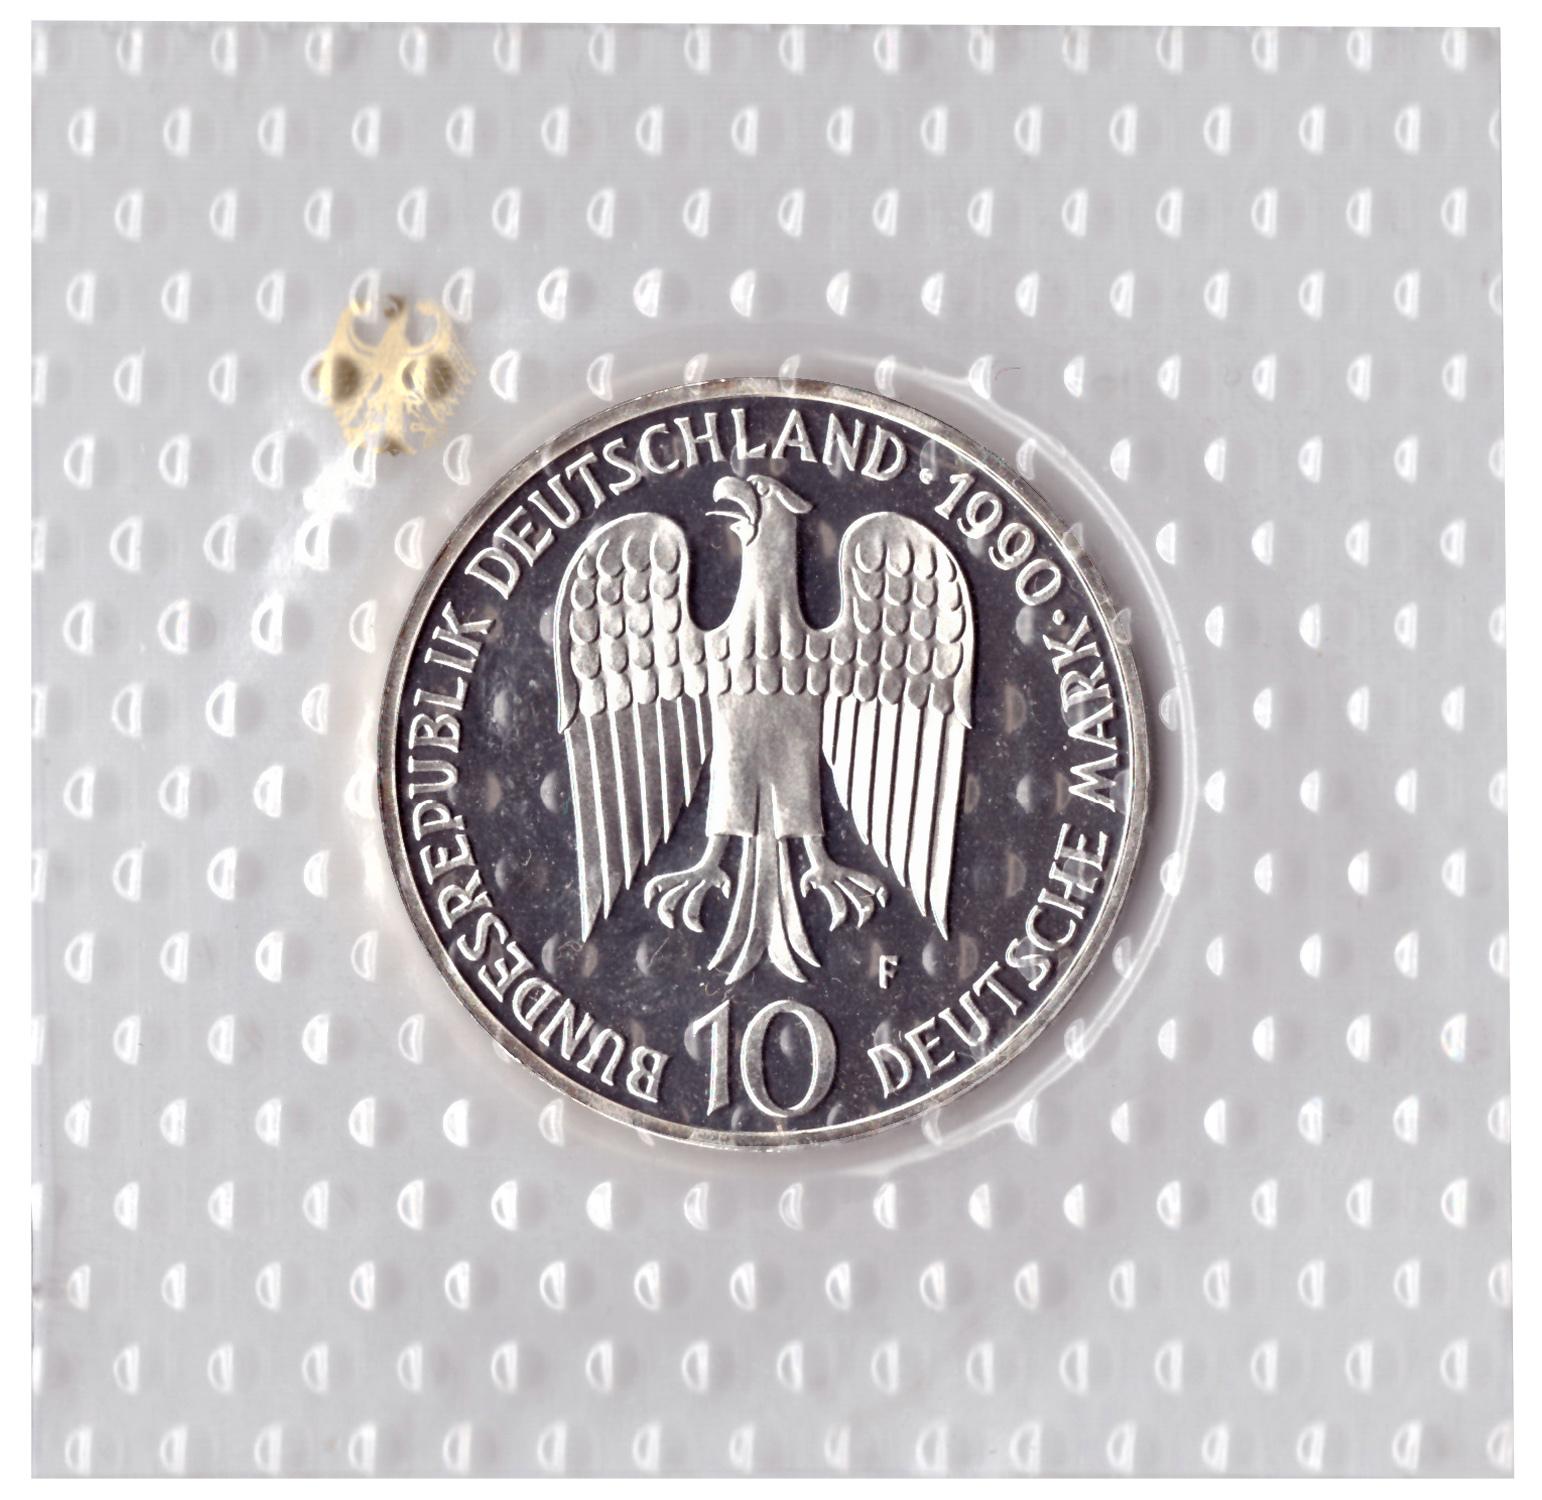 10 марок 1990 год (F) 800 лет со дня смерти Фридриха I Барбаросса, Германия. PROOF в родной запайке